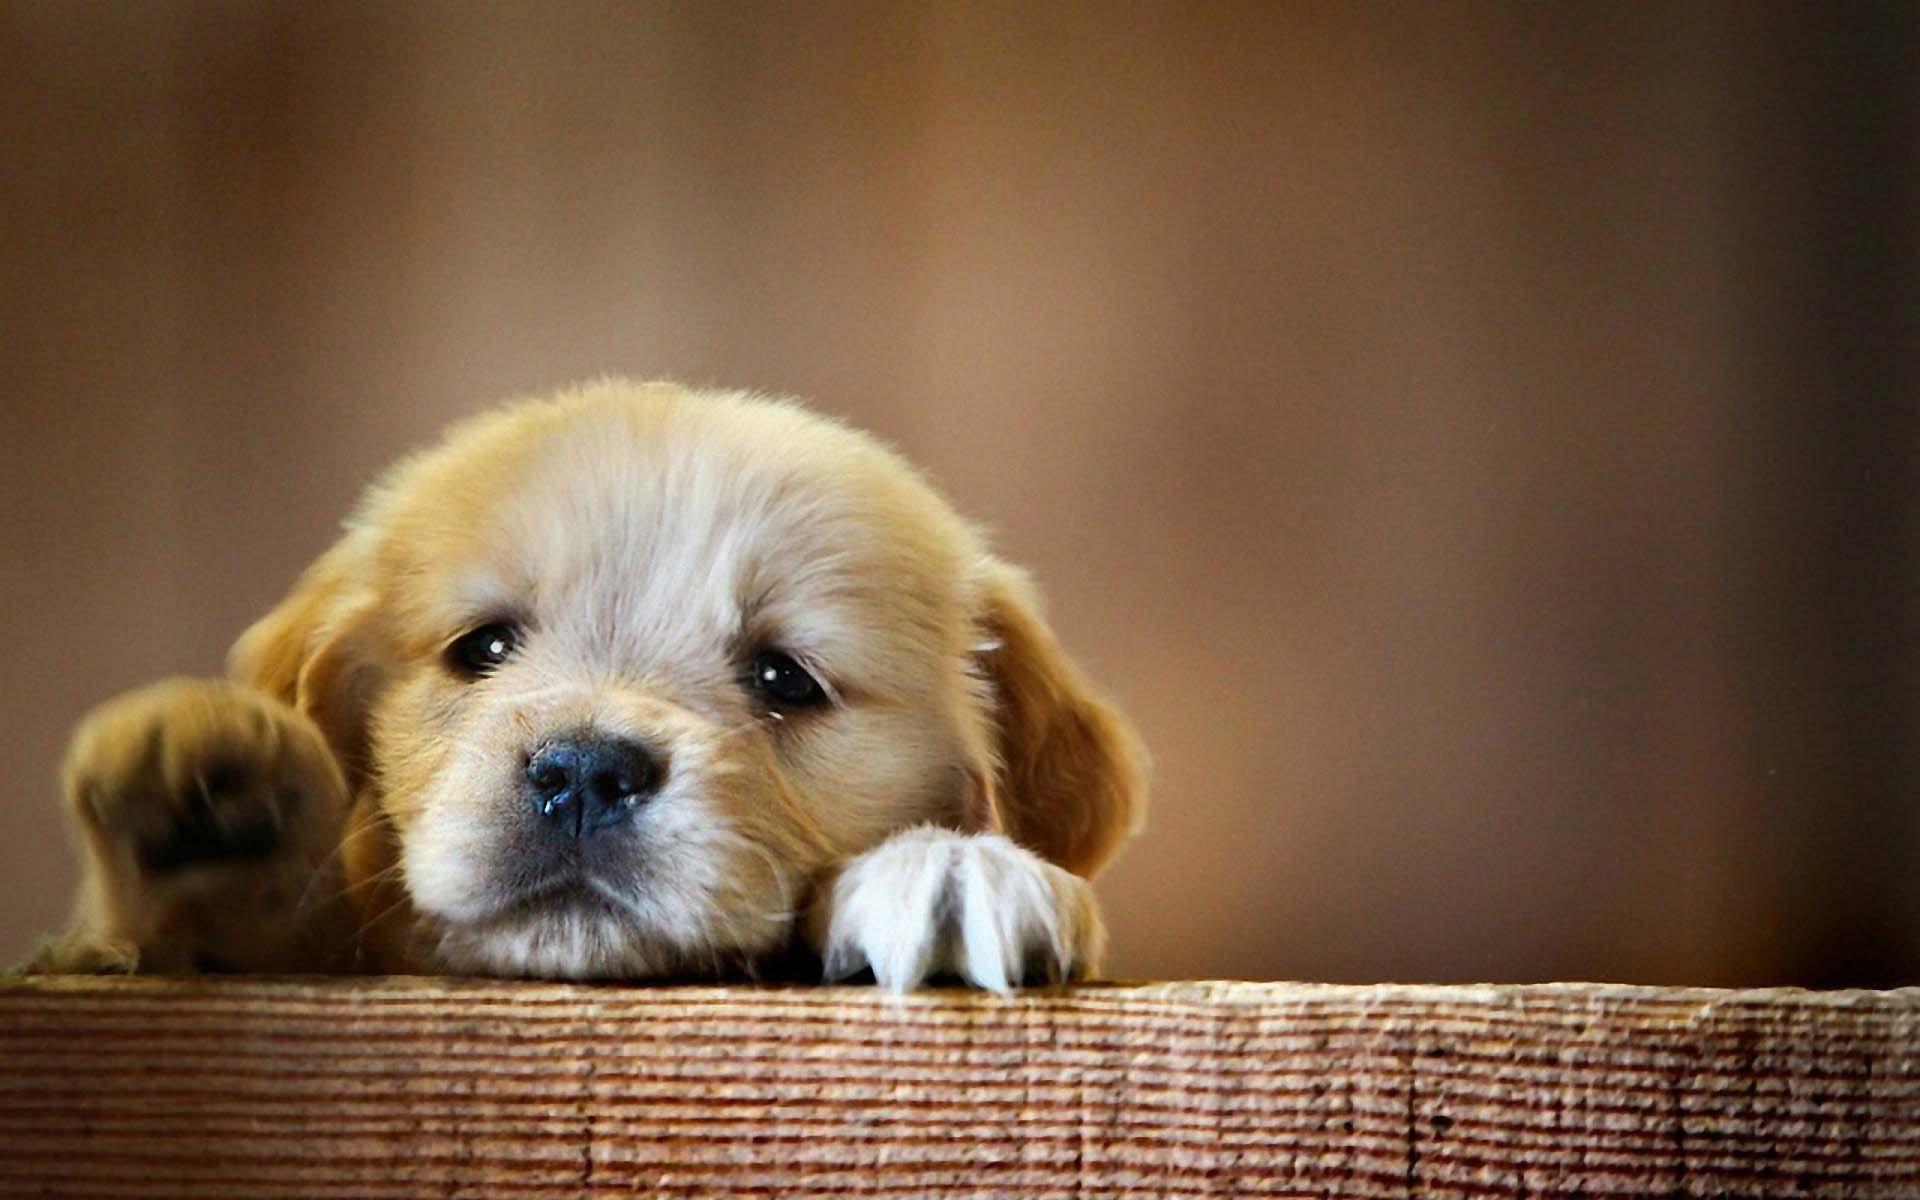 Ảnh nền cún cute, dễ thương nhất